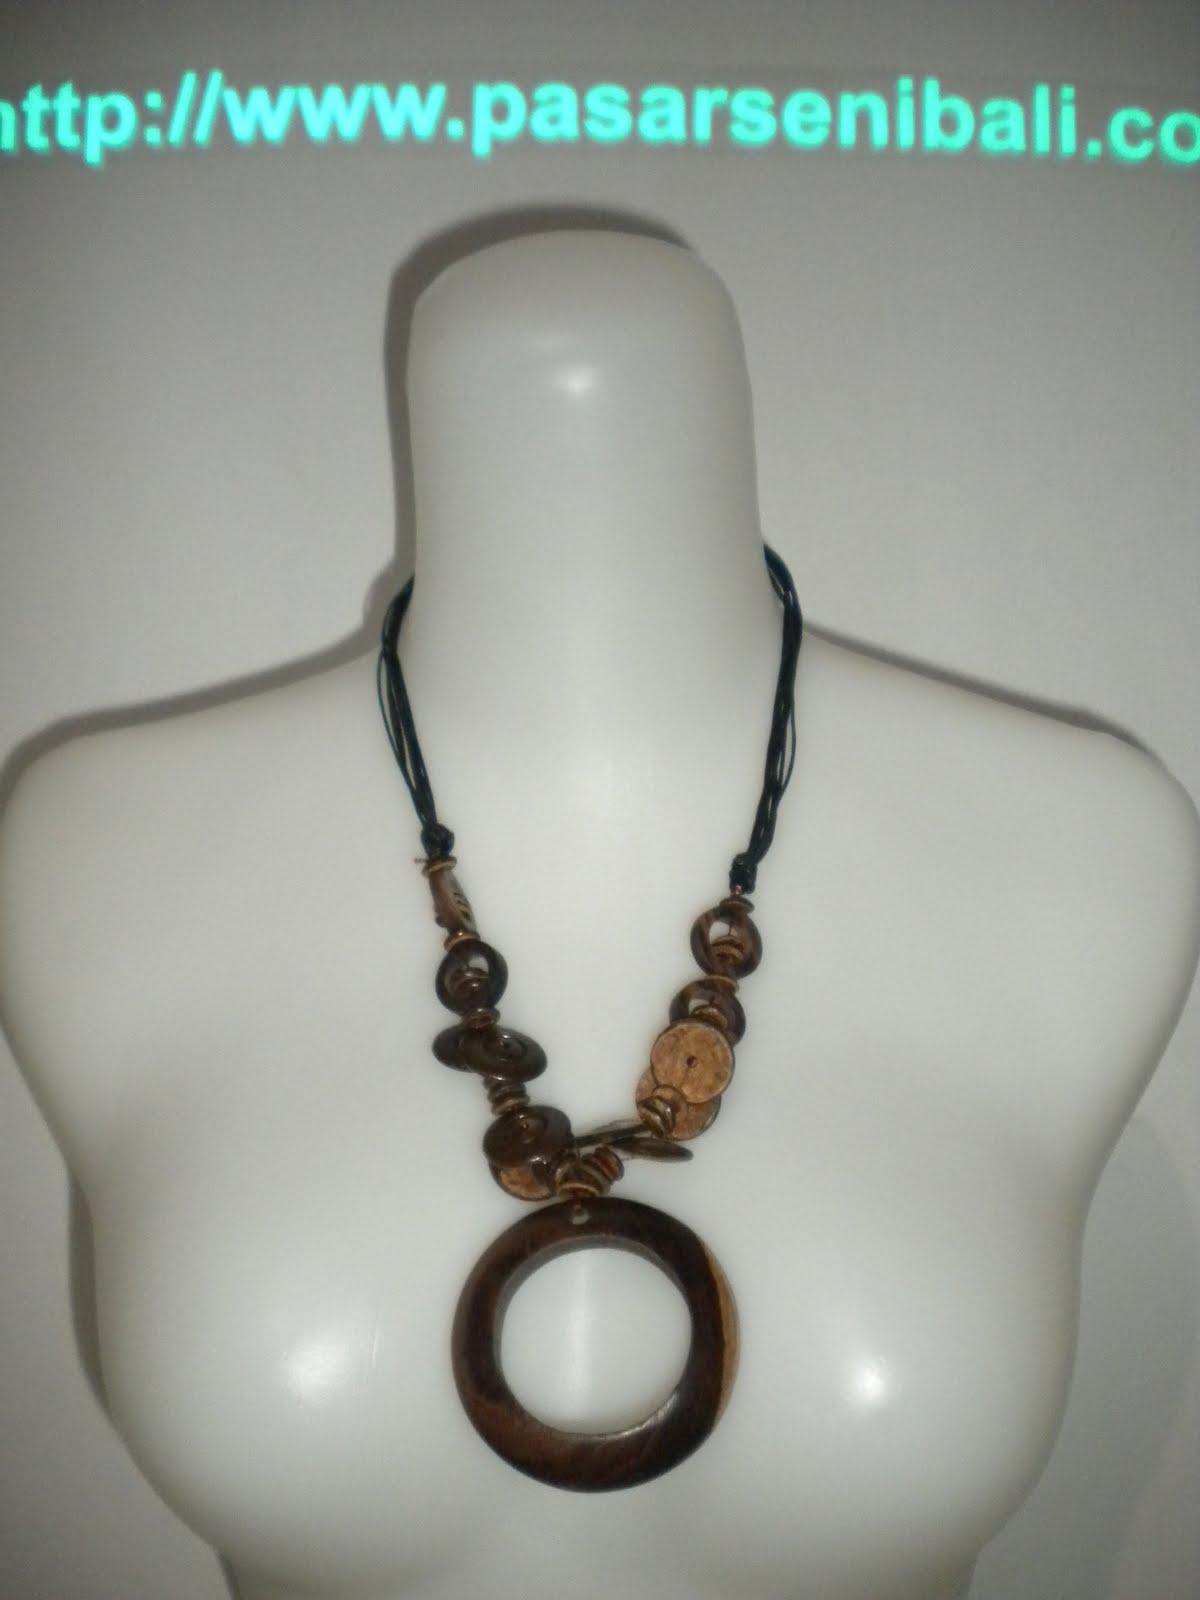 kalung gelang anting cincin gesper atau ikat koleksi aksesoris kalung